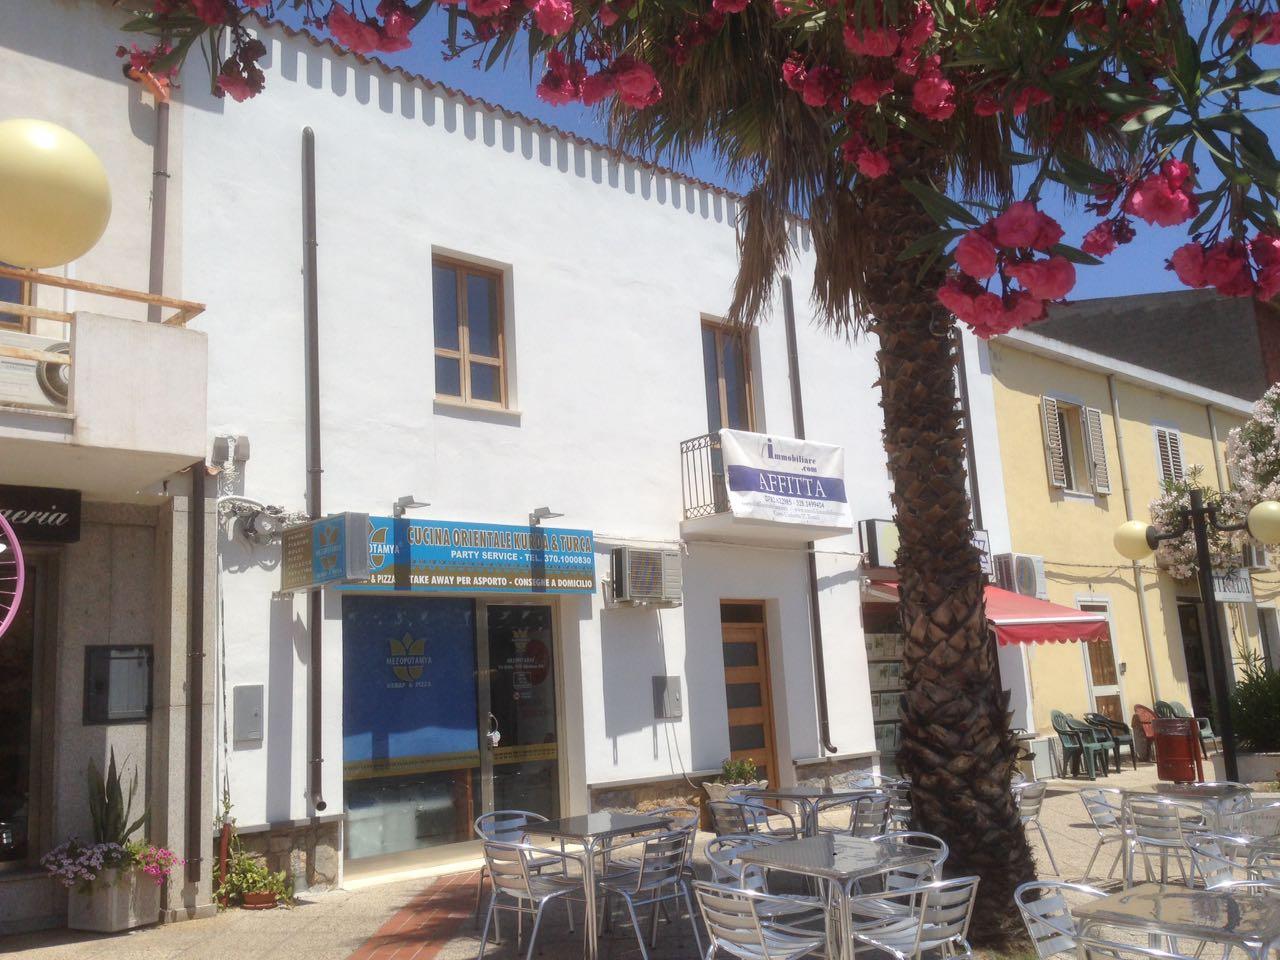 Ufficio / Studio in affitto a Tortolì, 9999 locali, Trattative riservate | CambioCasa.it